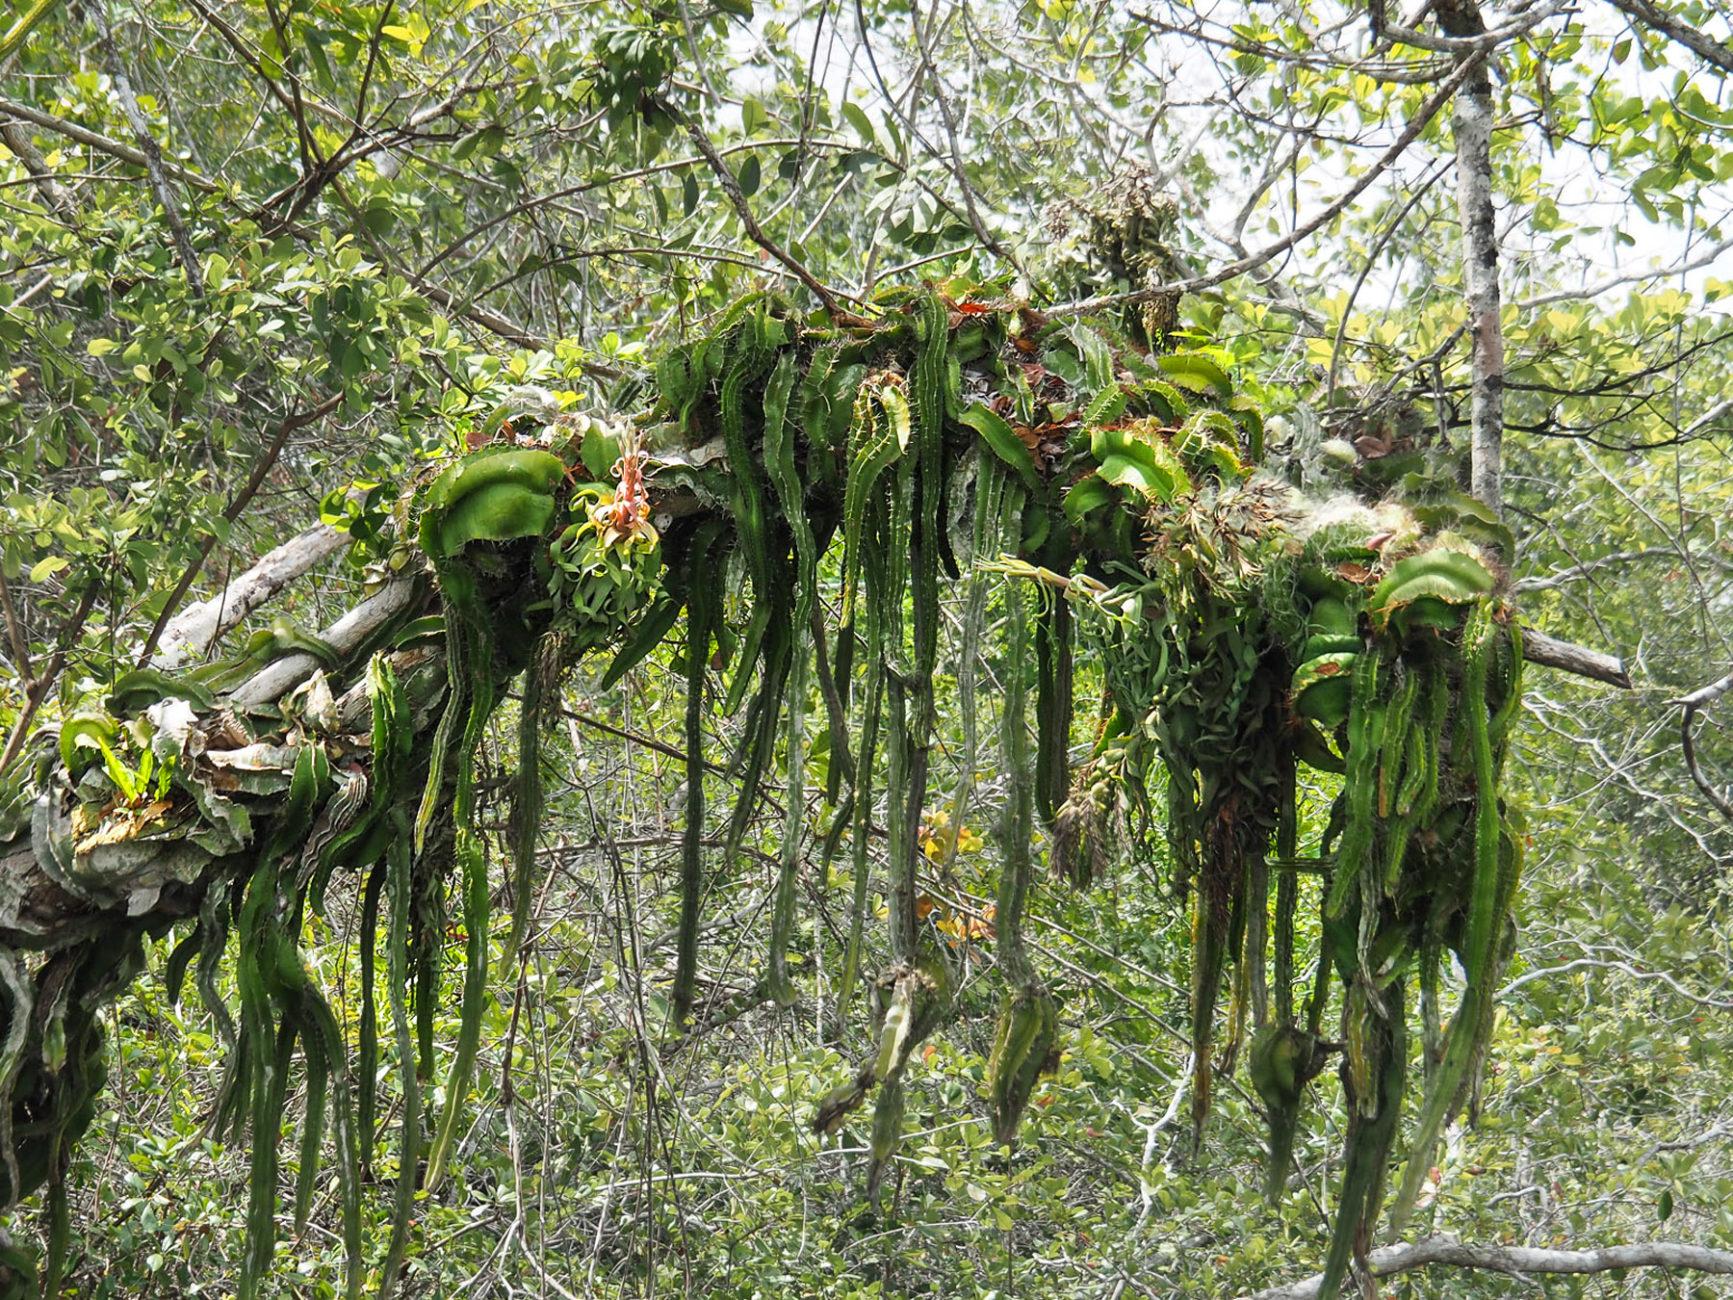 Ein Schlangenkaktus umschlingt einen Baum! Sachen gibt's...